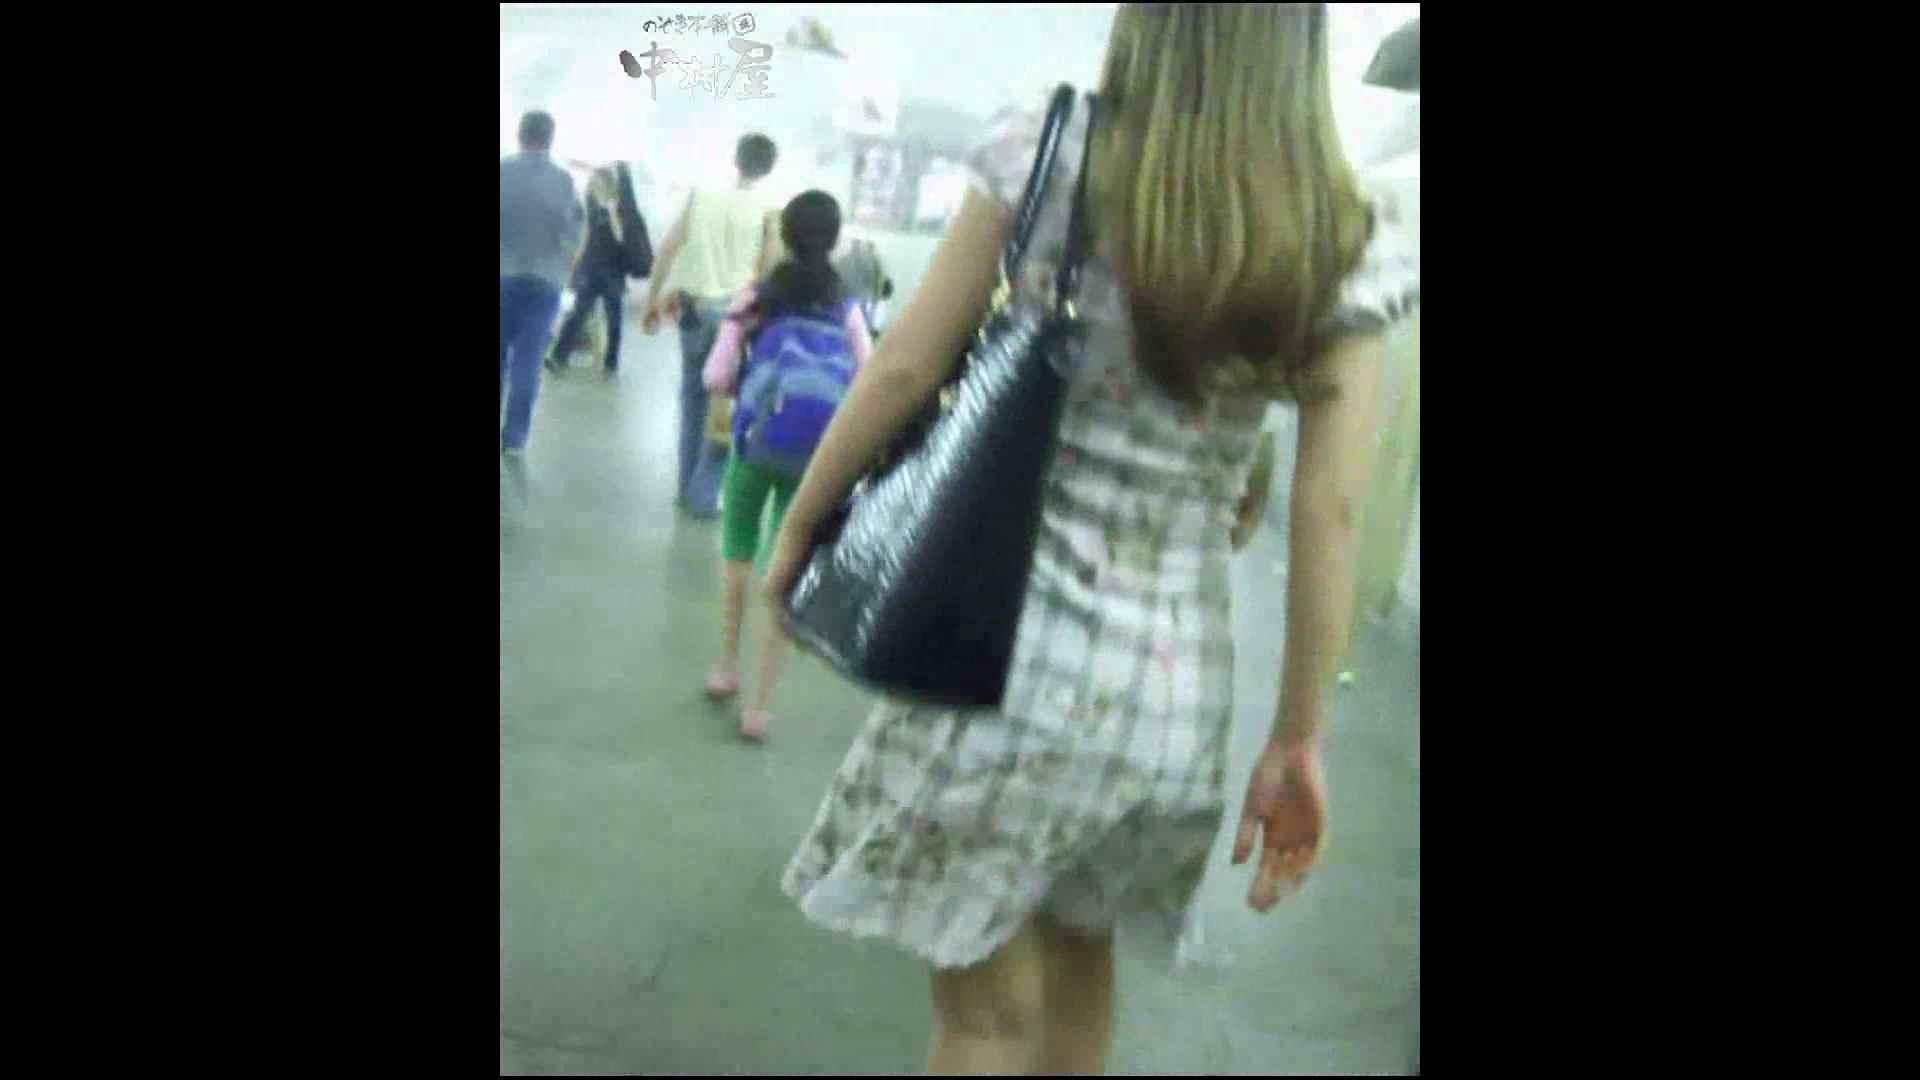 綺麗なモデルさんのスカート捲っちゃおう‼ vol21 OL女体  49連発 28